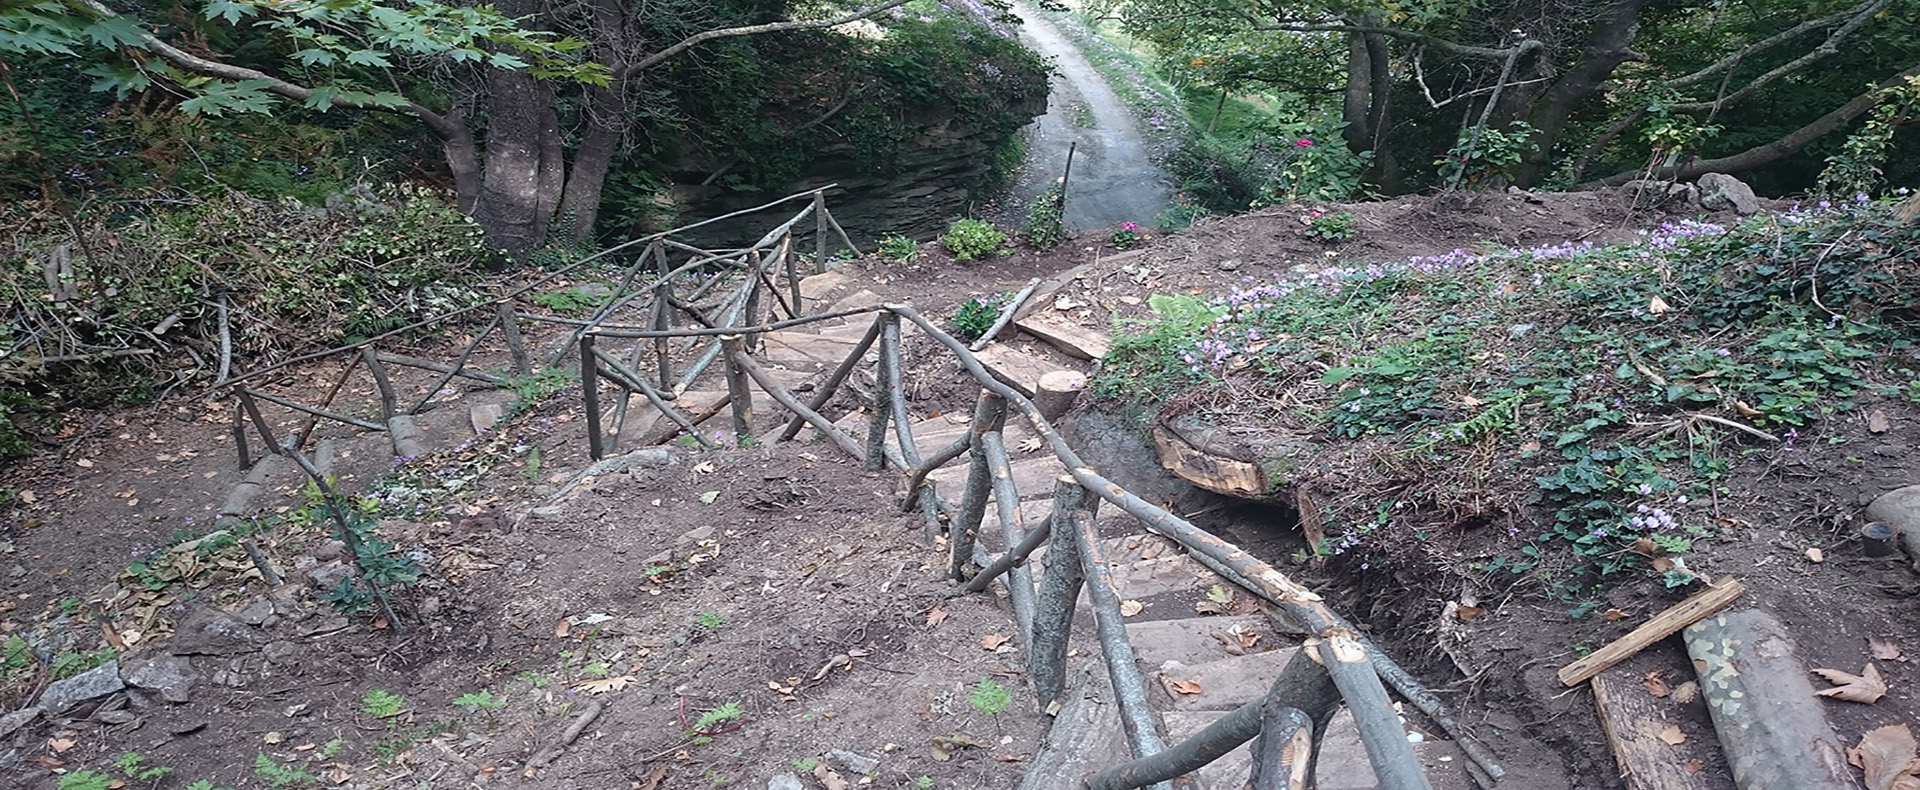 Το μονοπάτι Τσαγκαρόβρυσης - Βρύσης Σκρουμπέλου στο Γεωργίτσι Λακωνίας